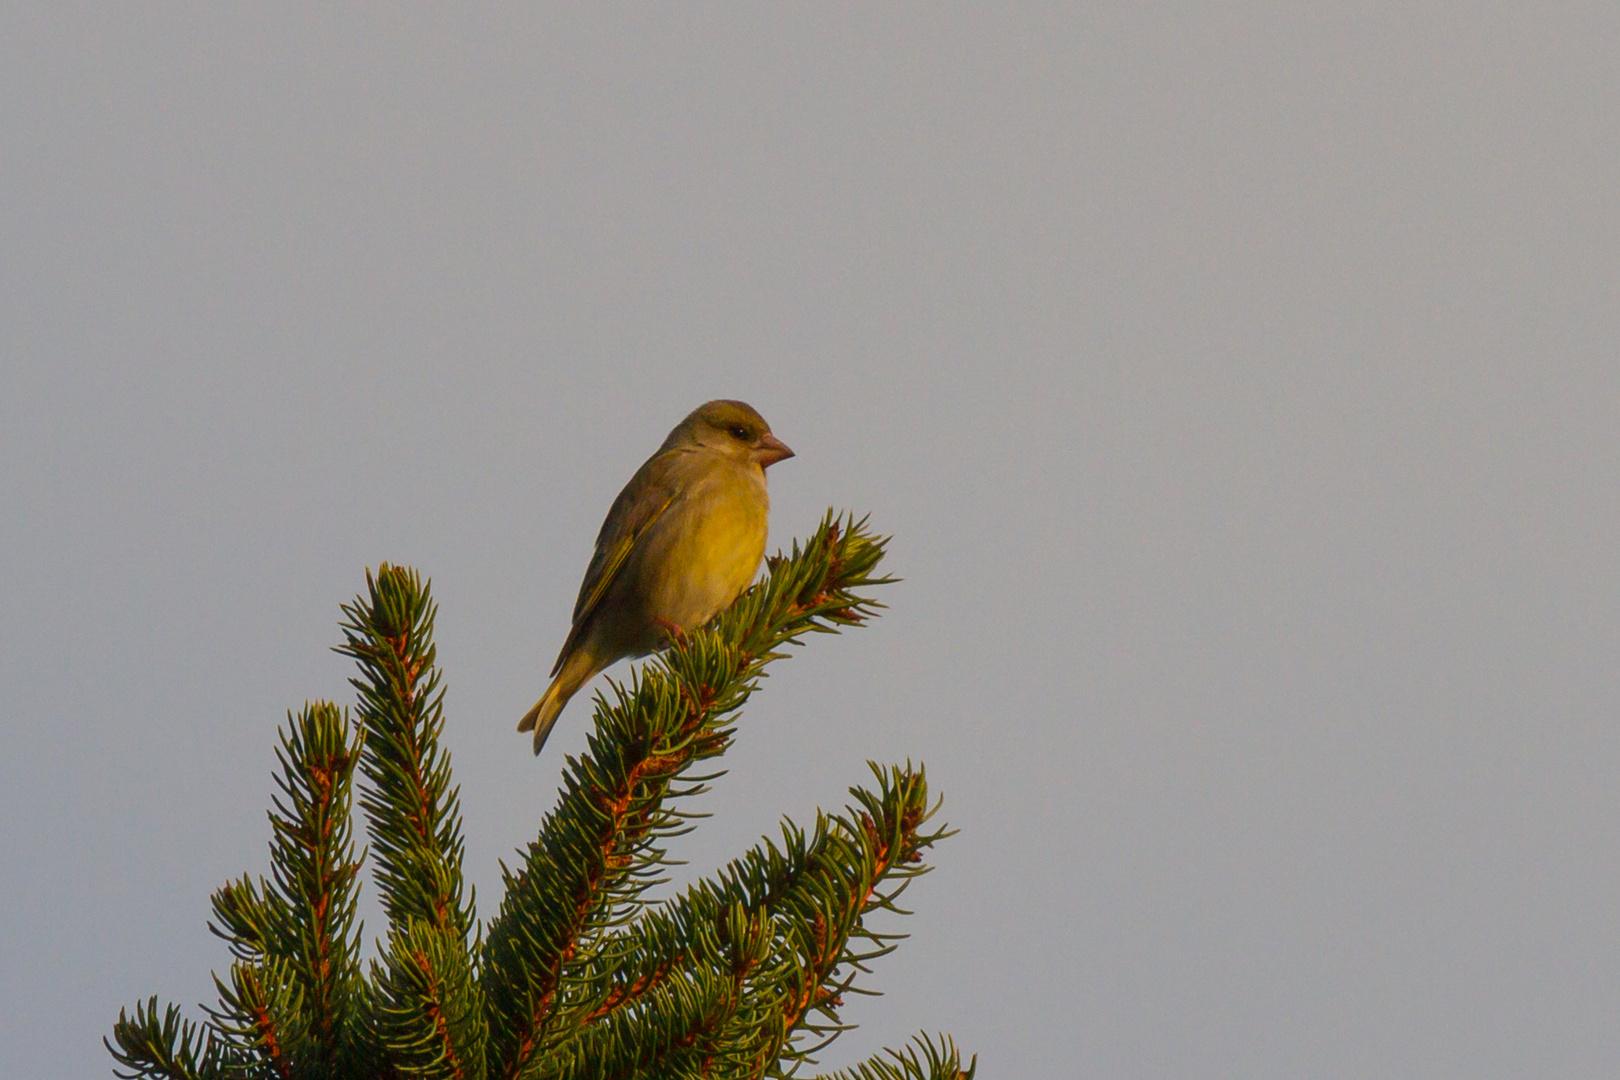 Grünfink im Nadelbaum